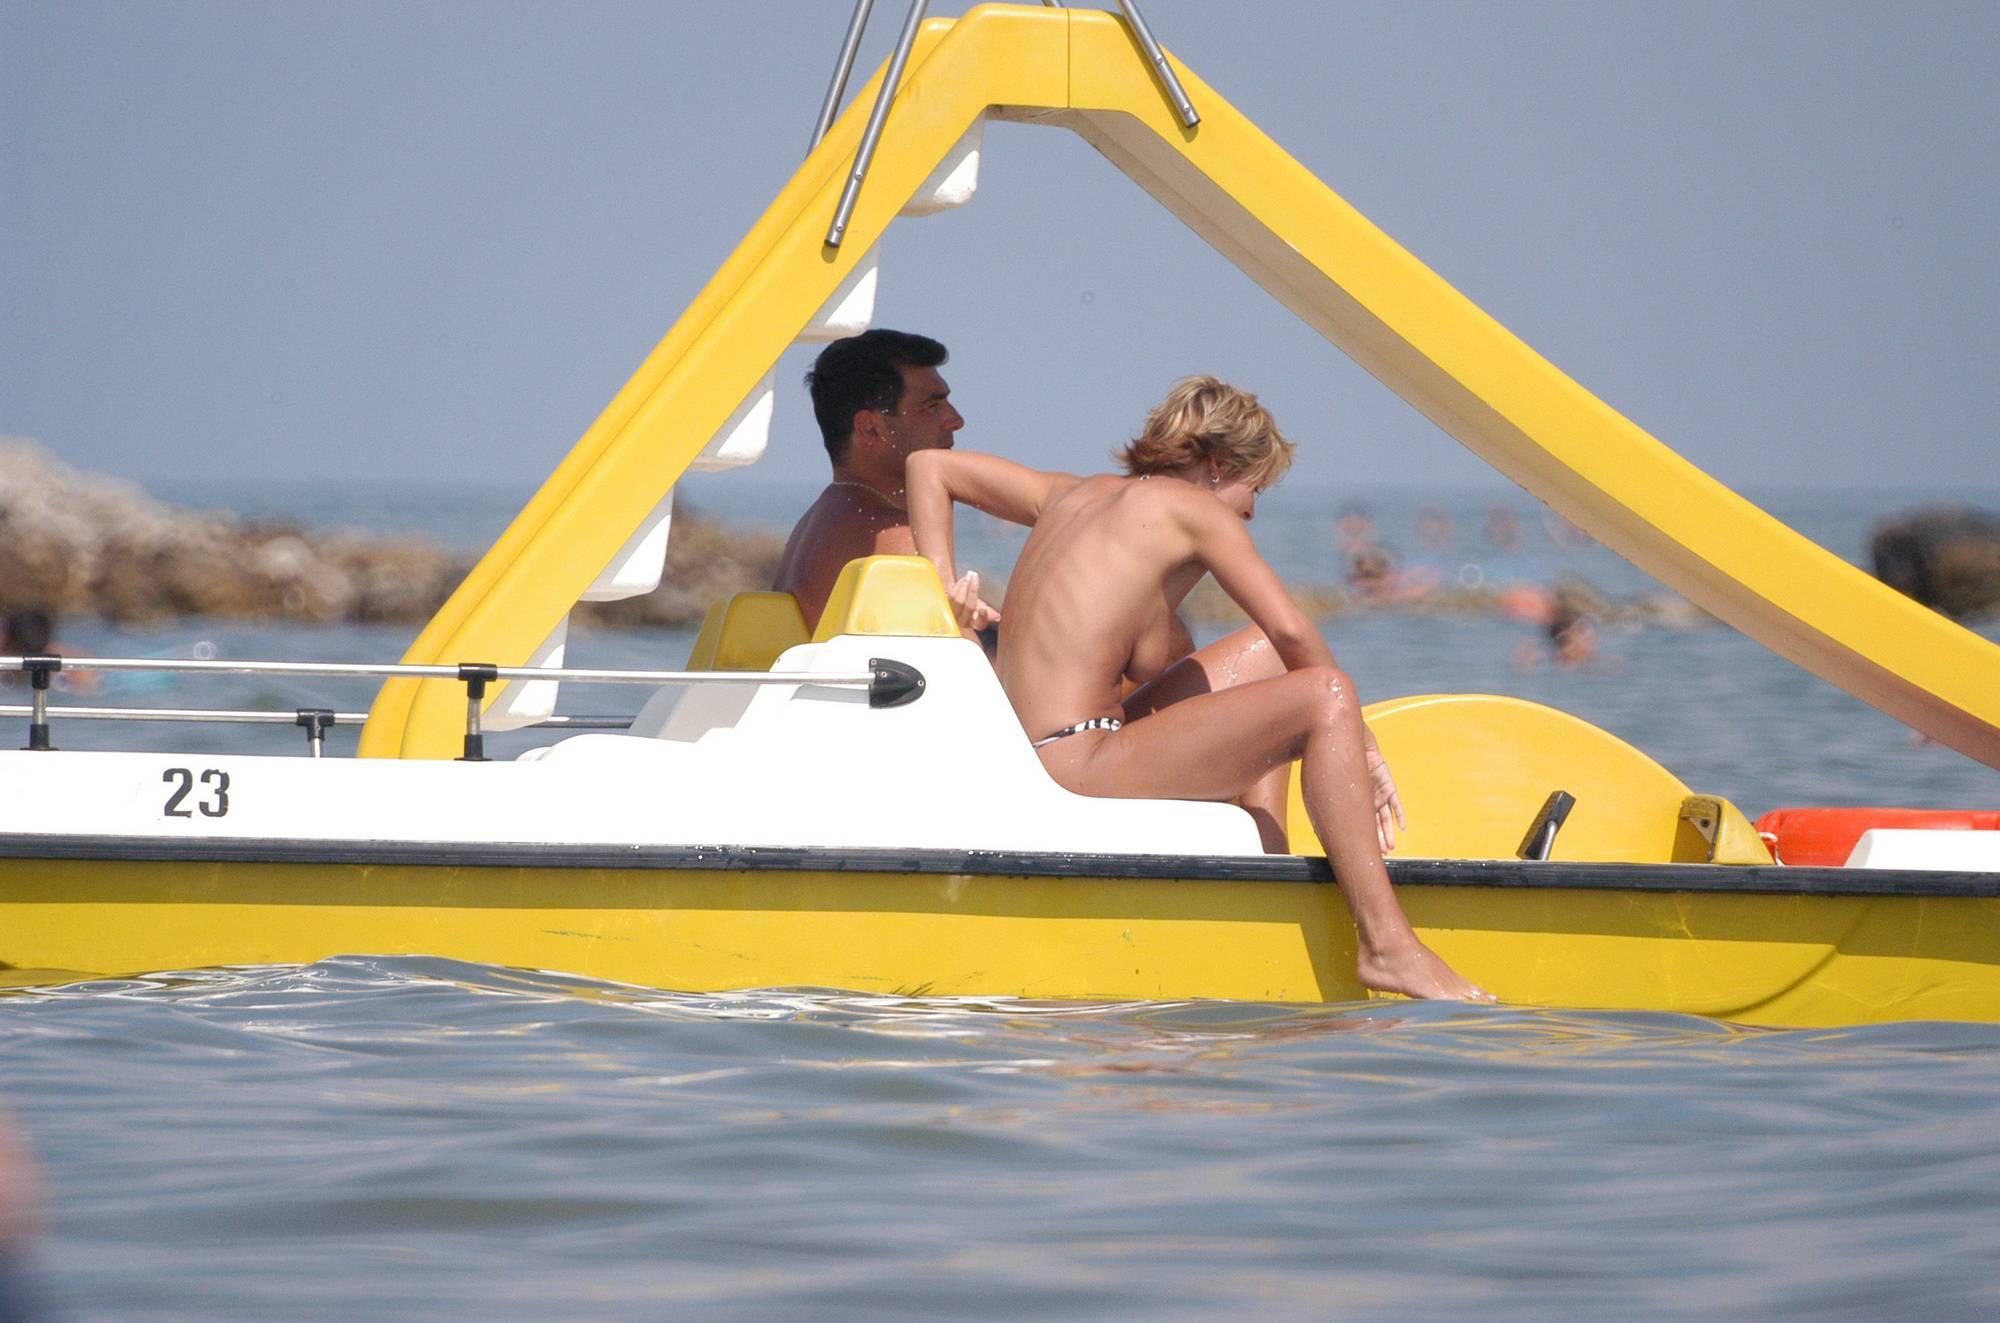 Nudist Pictures Nudist Beach Water Rafts - 1